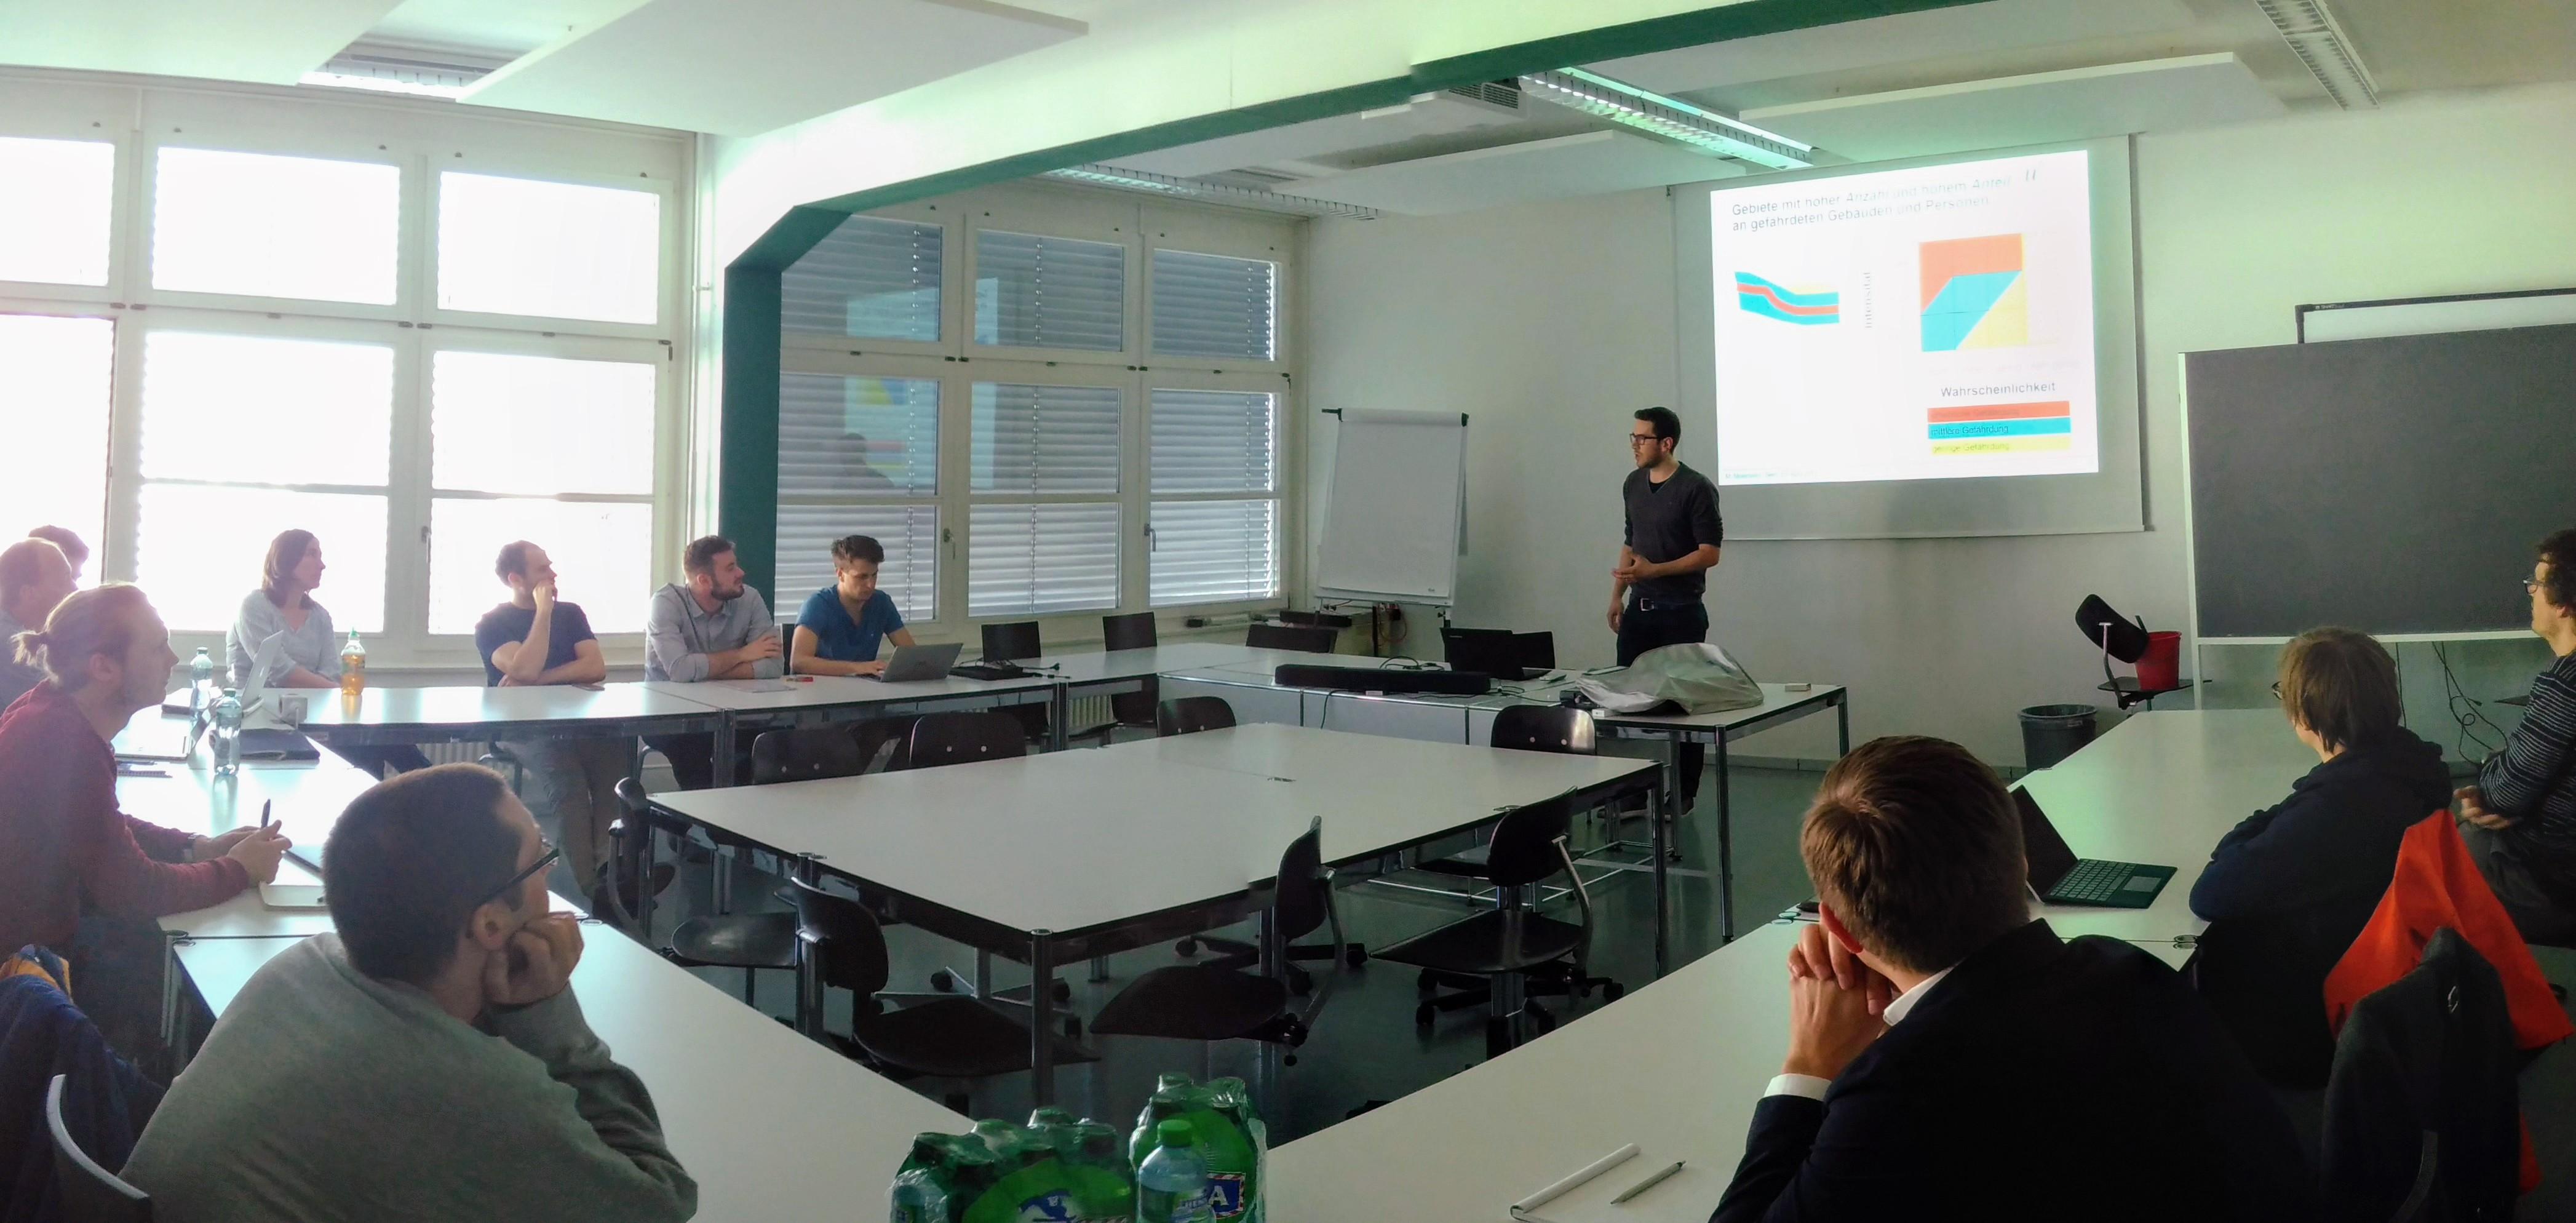 Kurzvortrag von Markus Mosimann bei DataViz Treffen